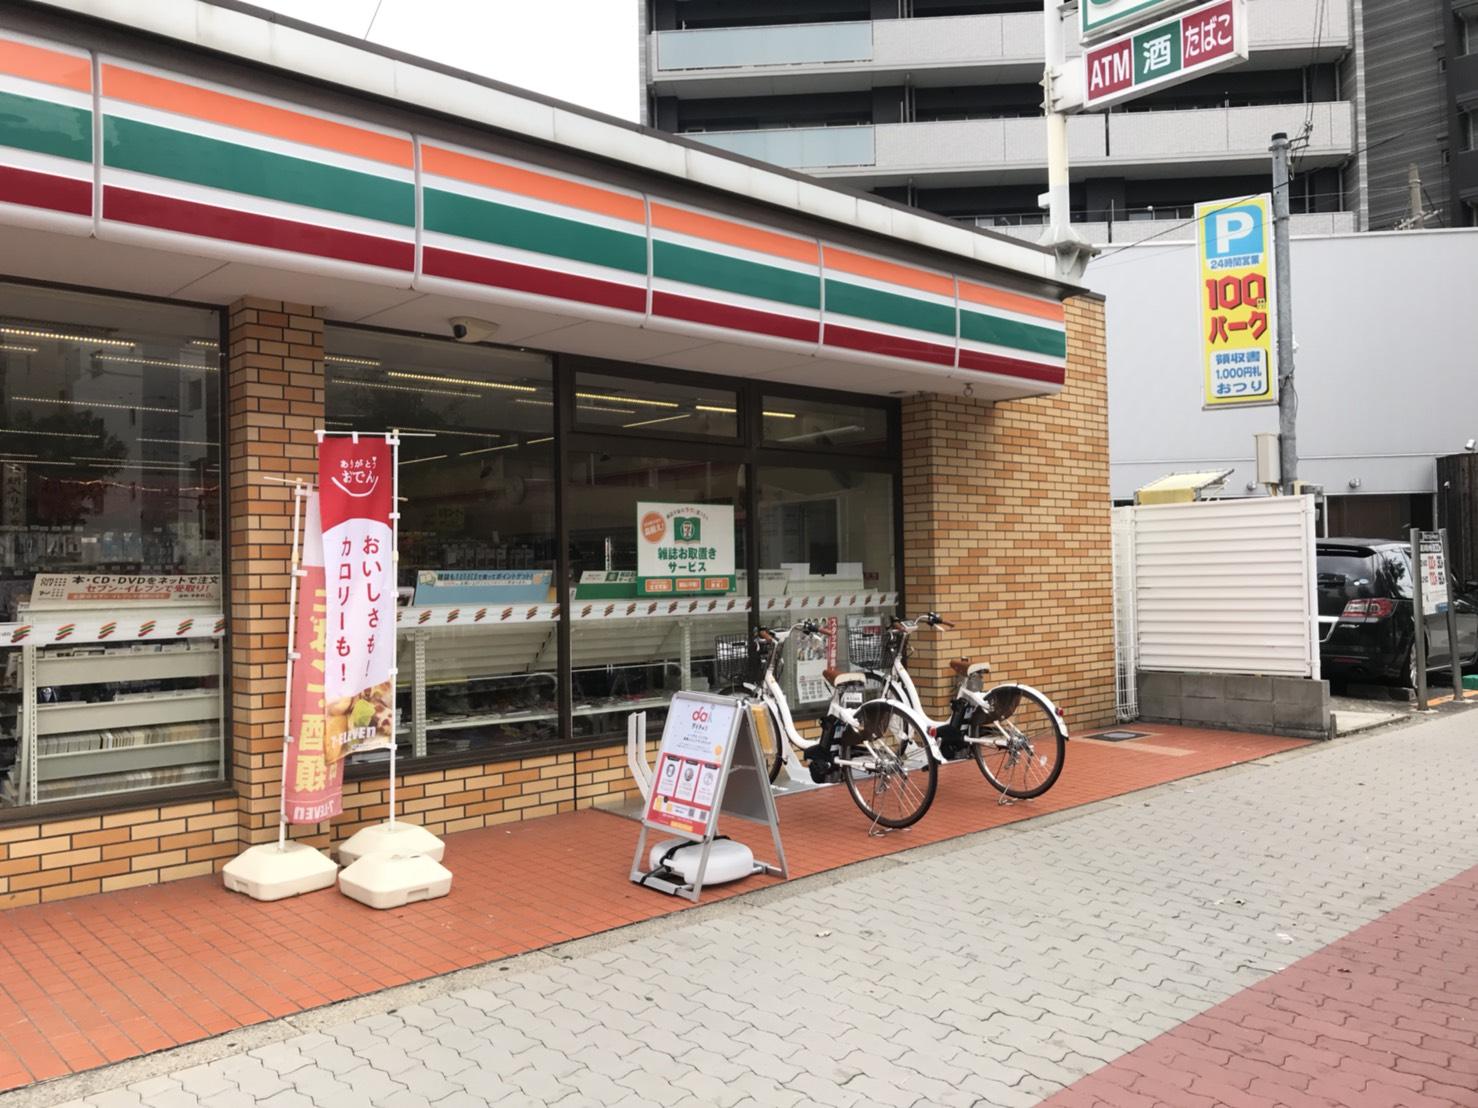 セブンイレブン 大阪塚本3丁目店 (HELLO CYCLING ポート) image